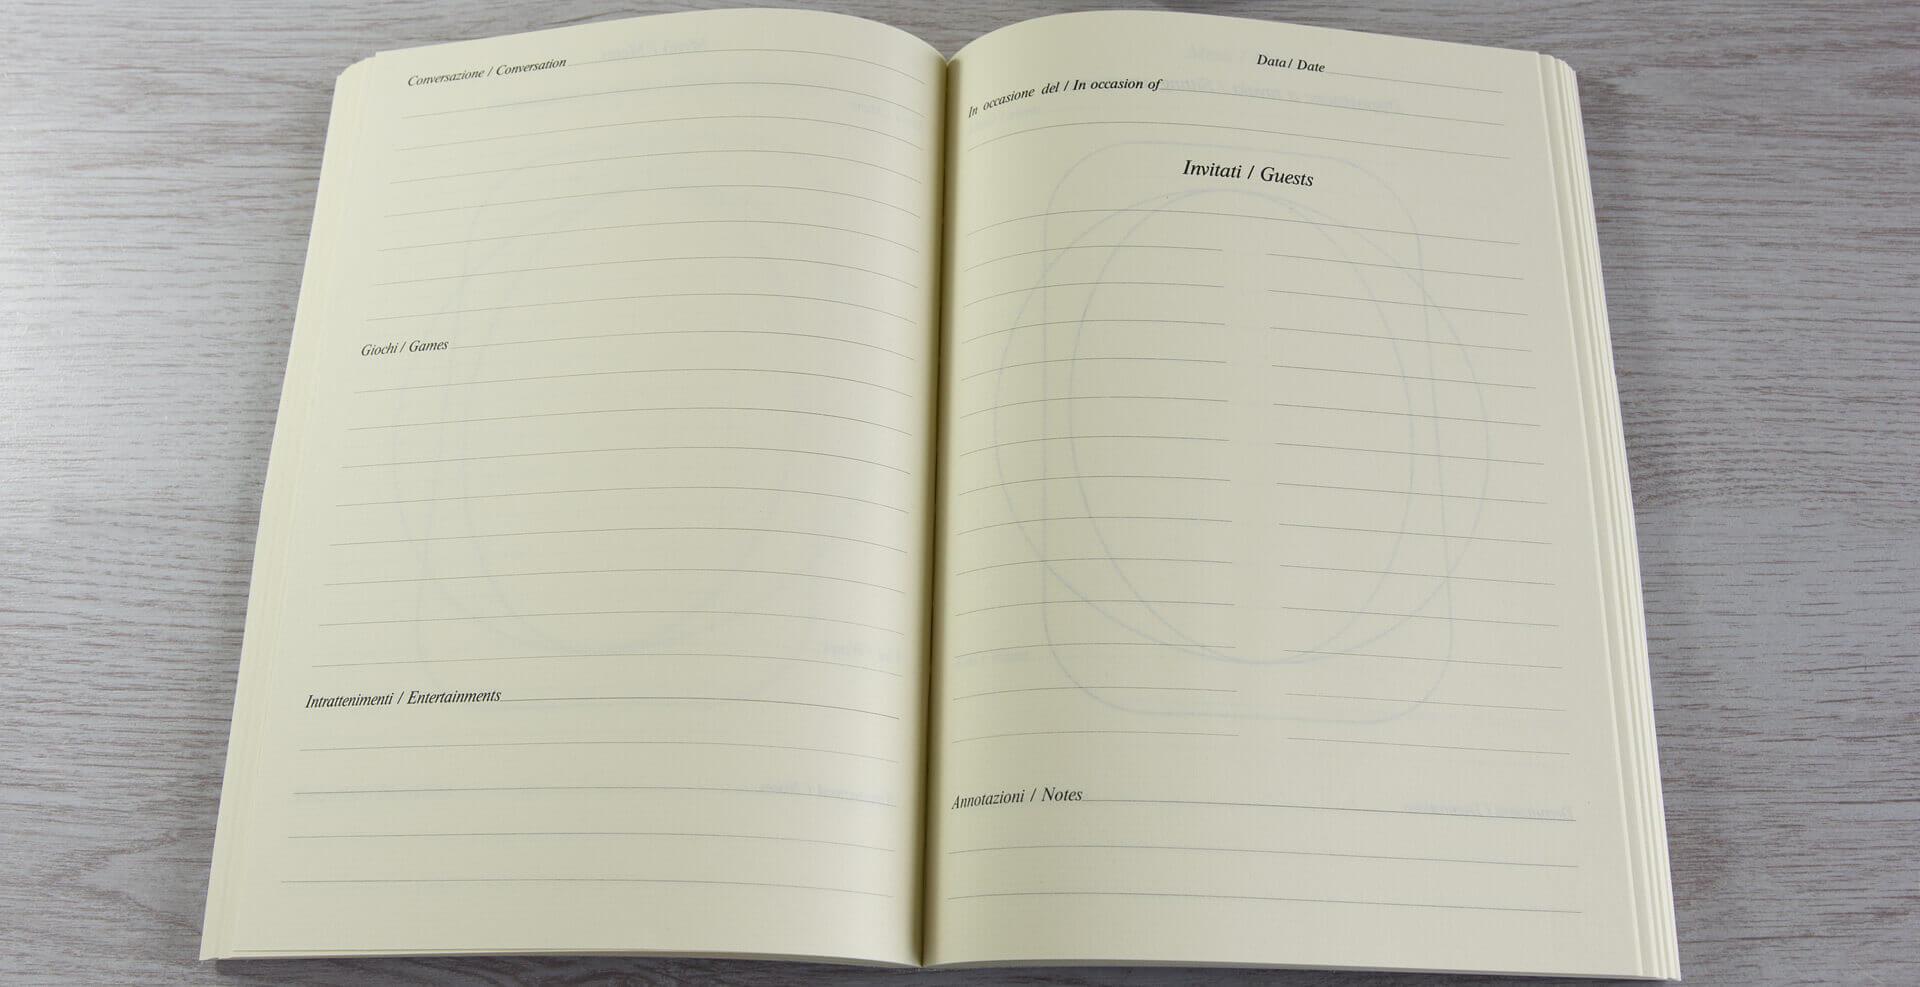 quaderno a tema pranzi e cene